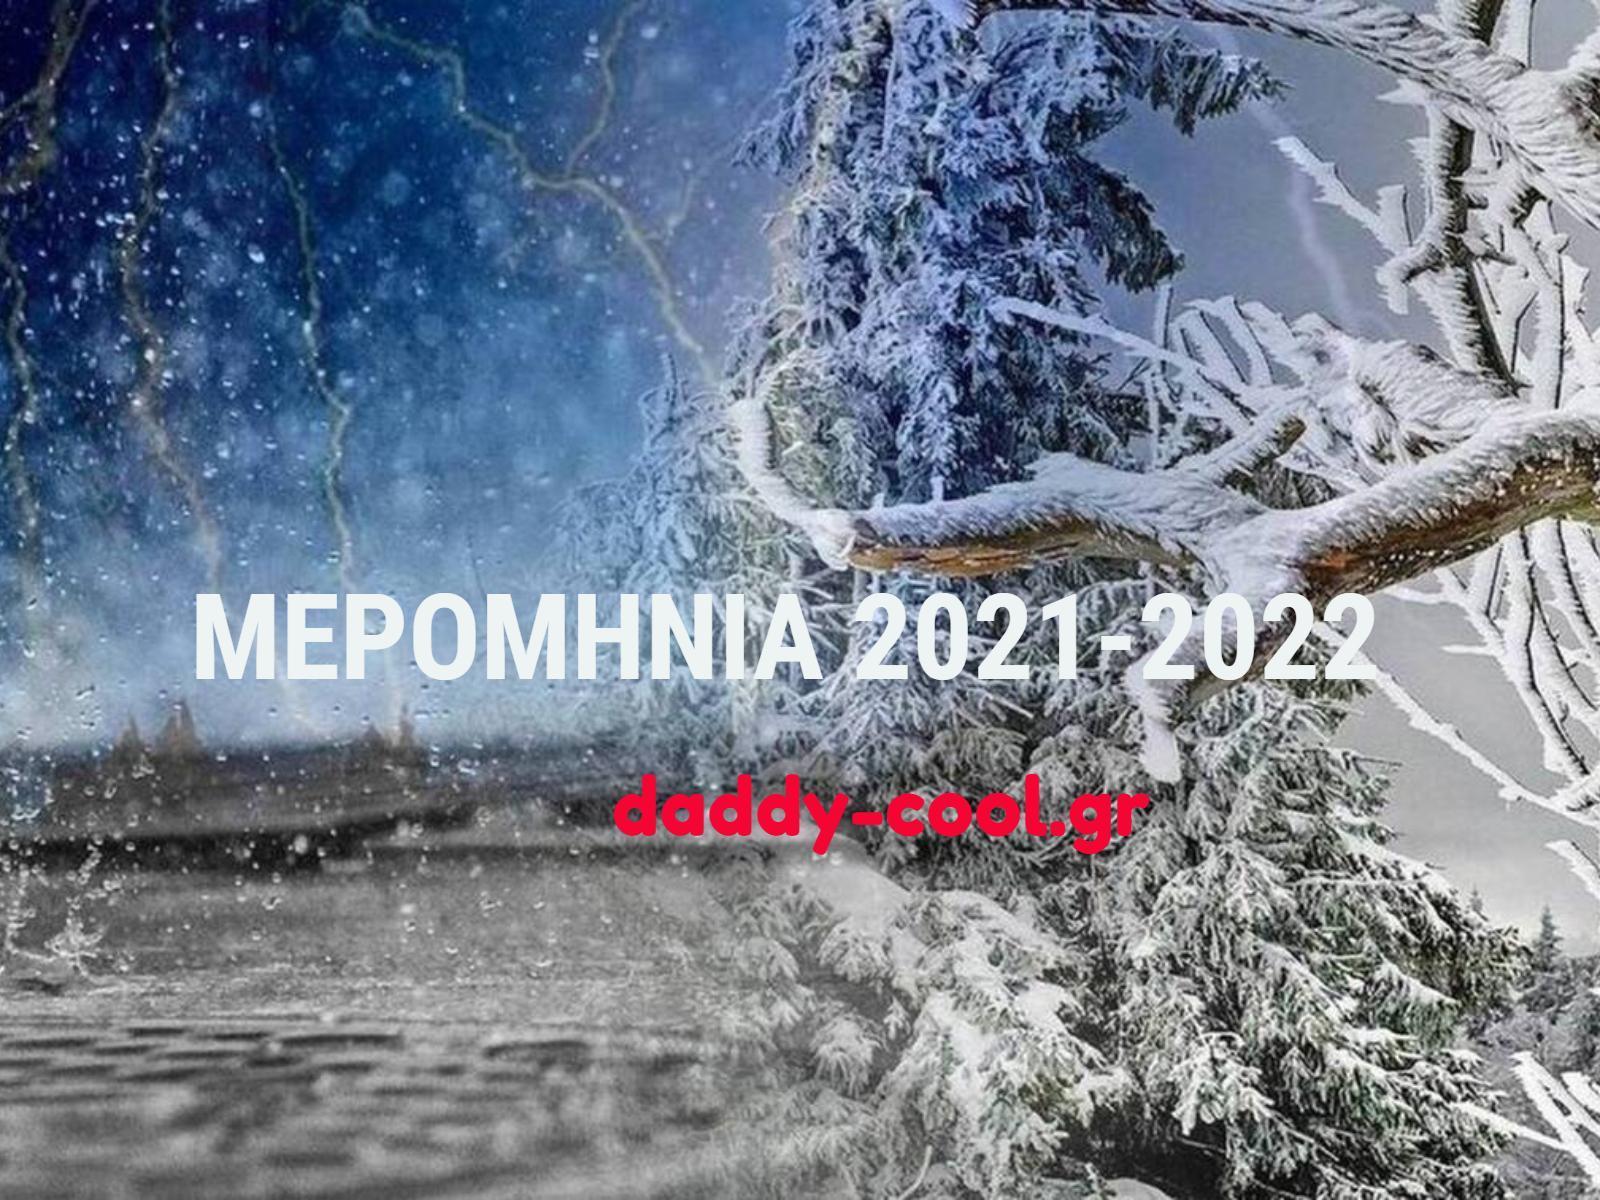 Μερομήνια 2021-2022: Τι καιρό θα κάνει;